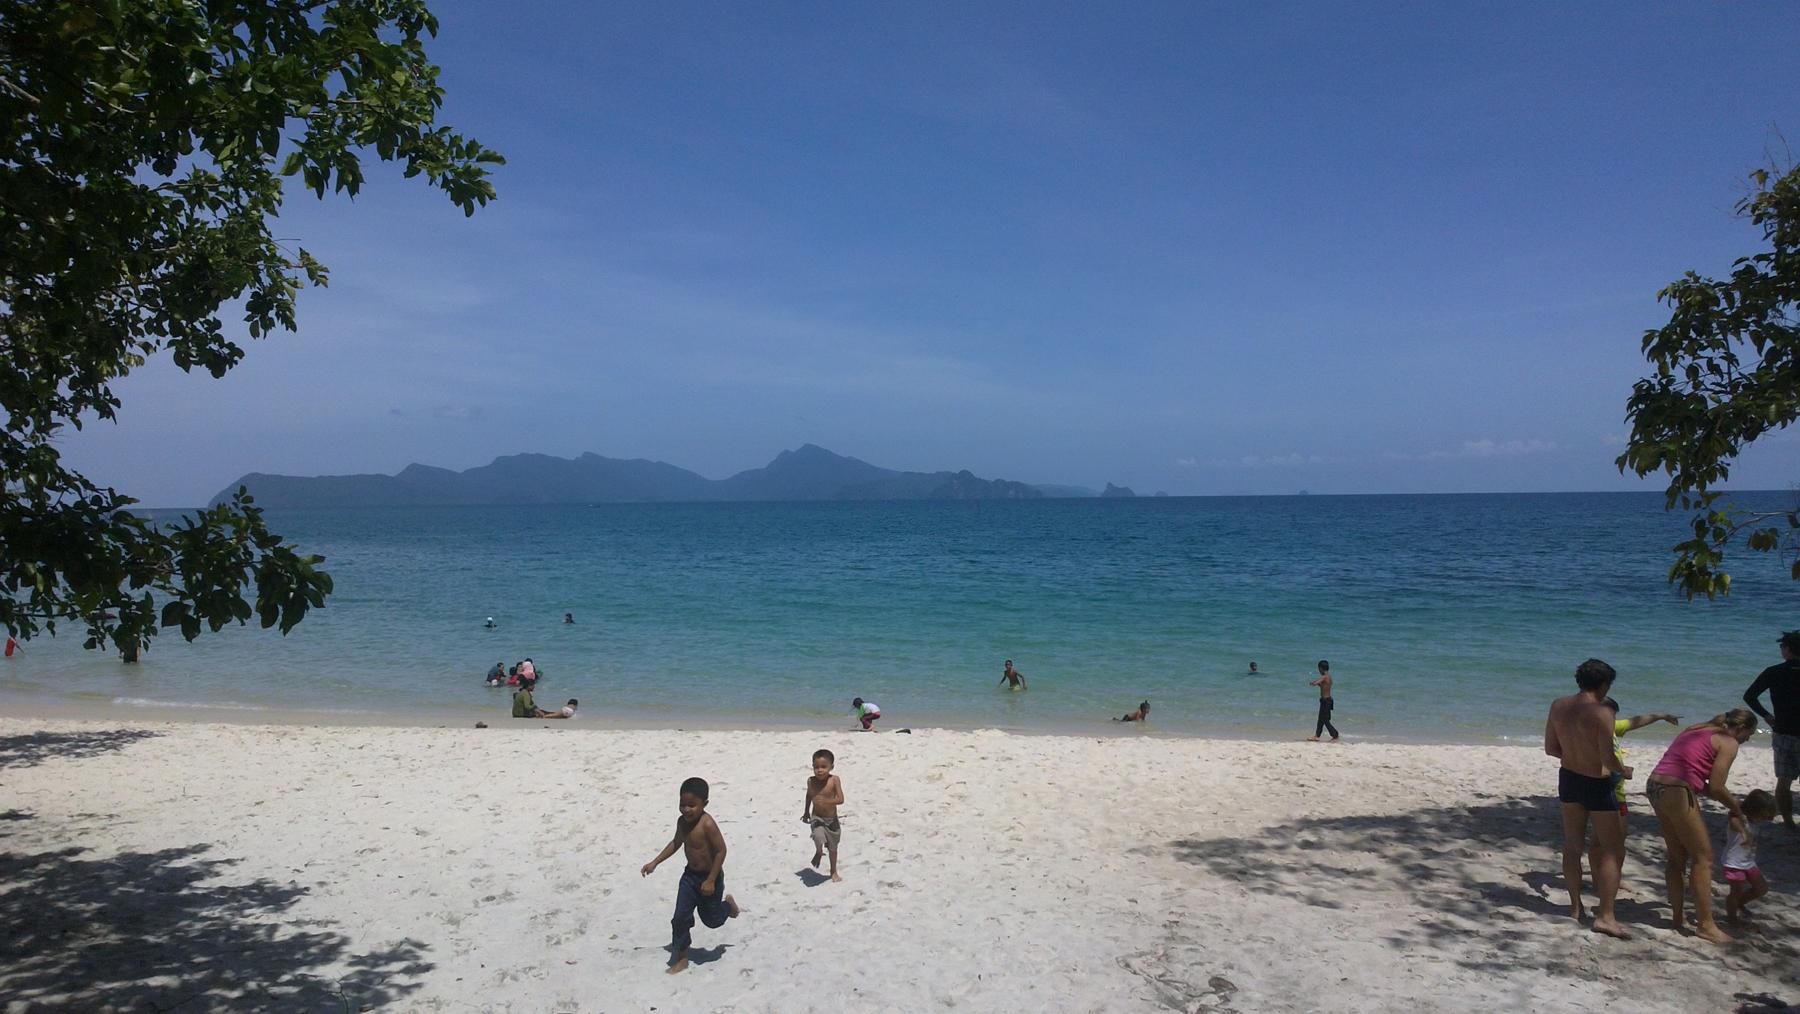 Пляж Тенгорак (Tengkorak)